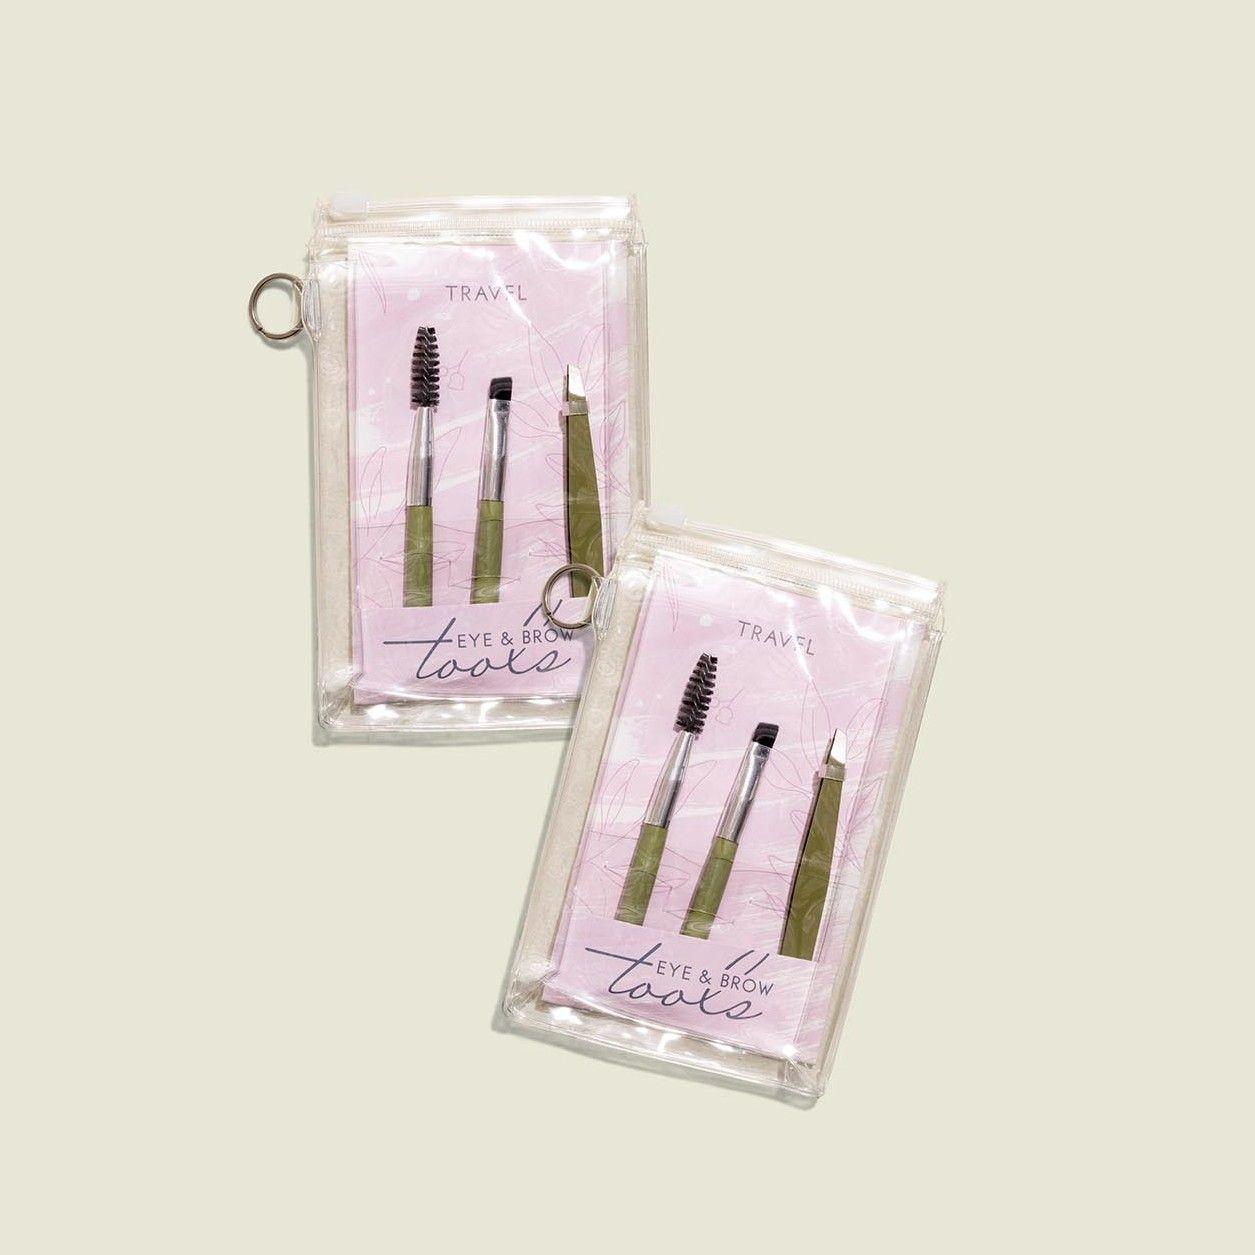 Makeup tools packaged in ziplock bag